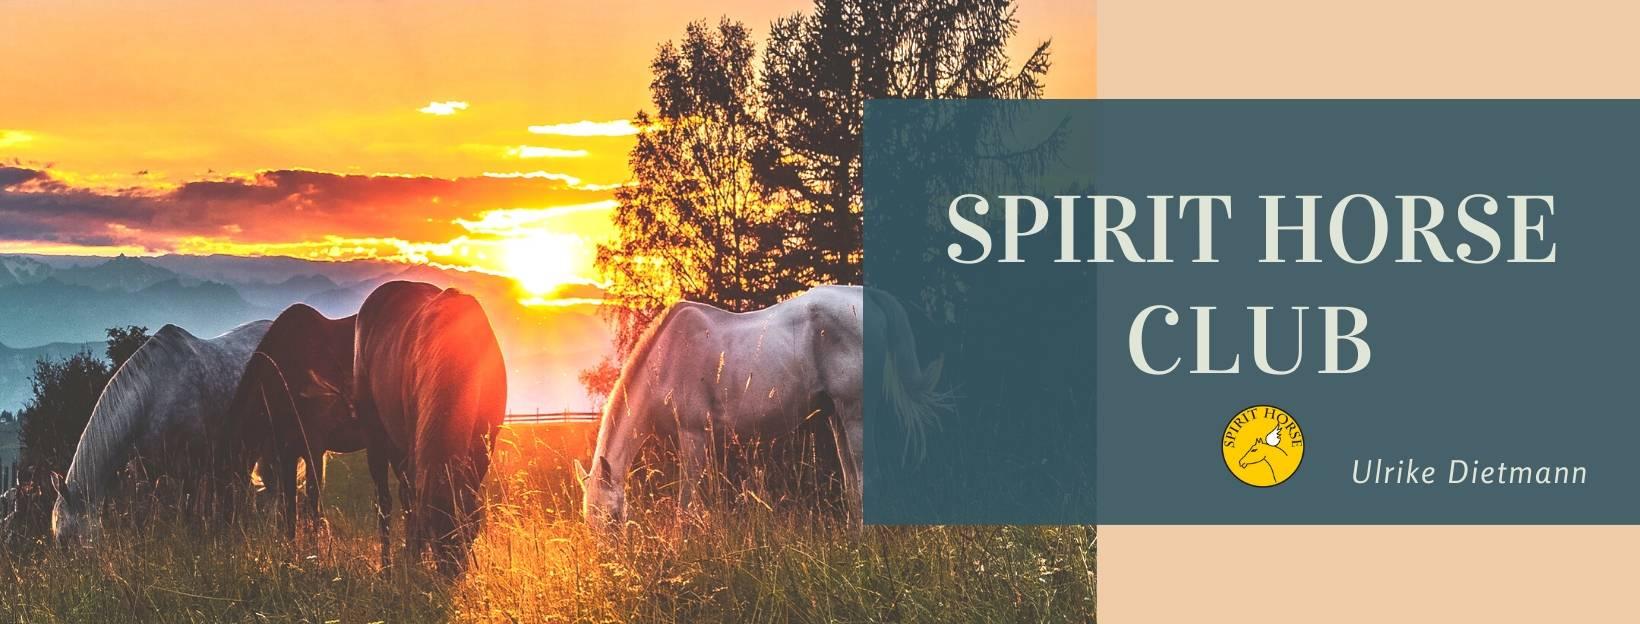 Mitgliedschaft für Pferdeliebhaber Tierkommunikation